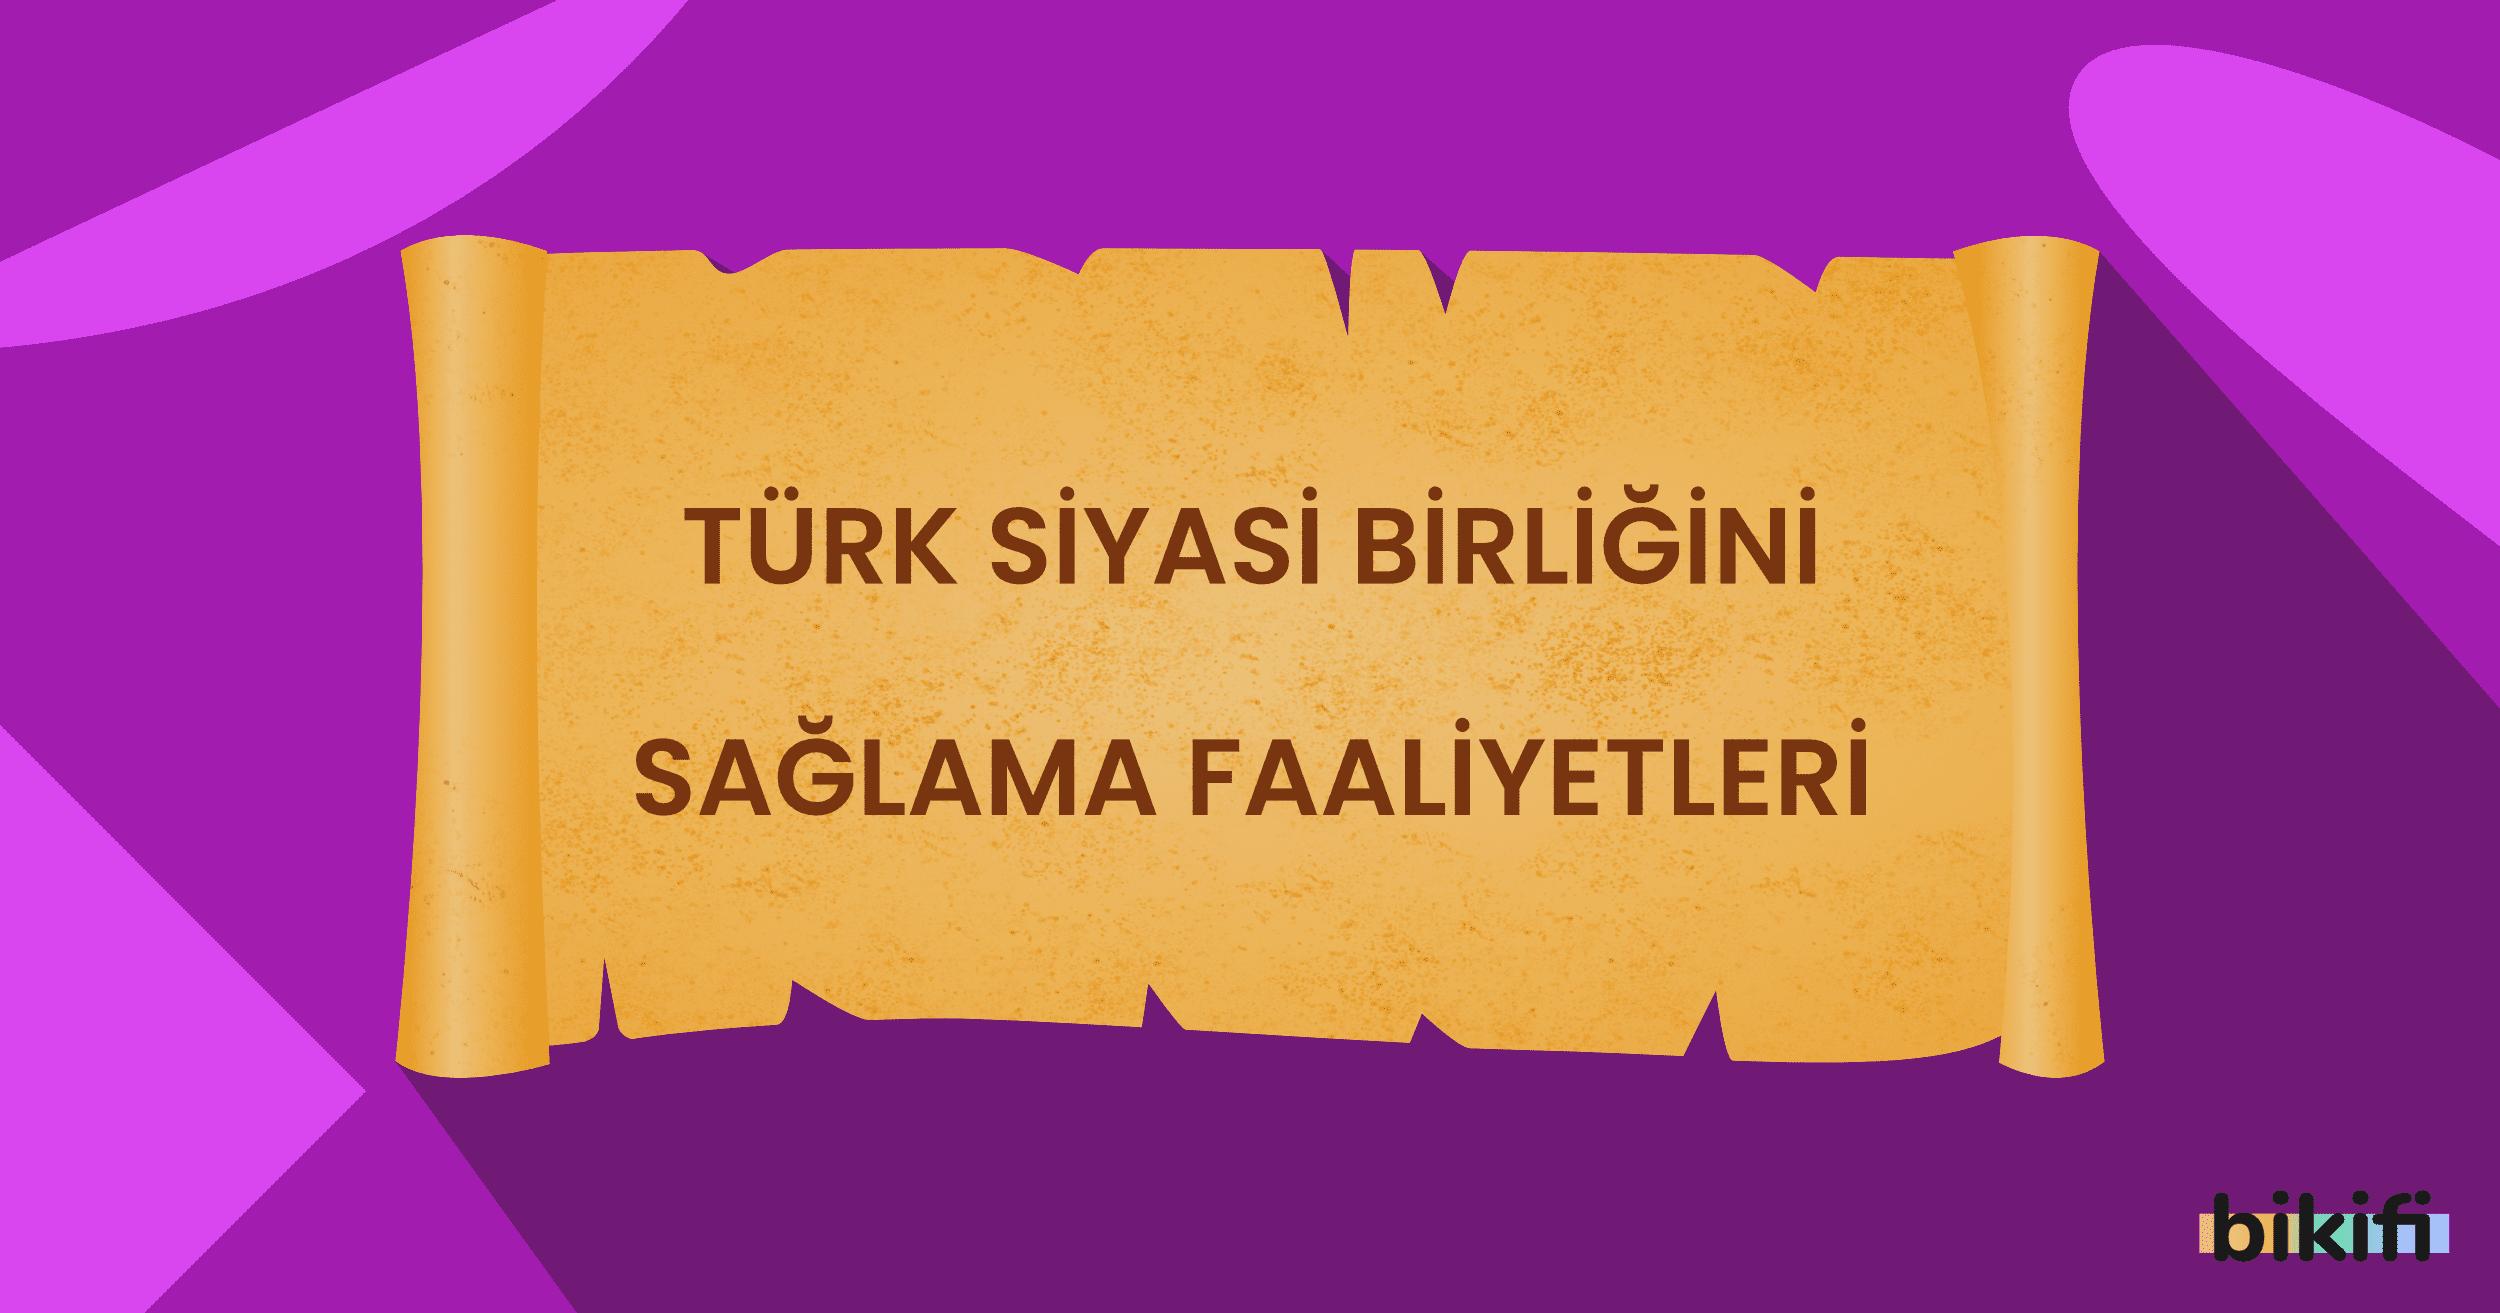 Türk Siyasi Birliğini Sağlama Faaliyetleri